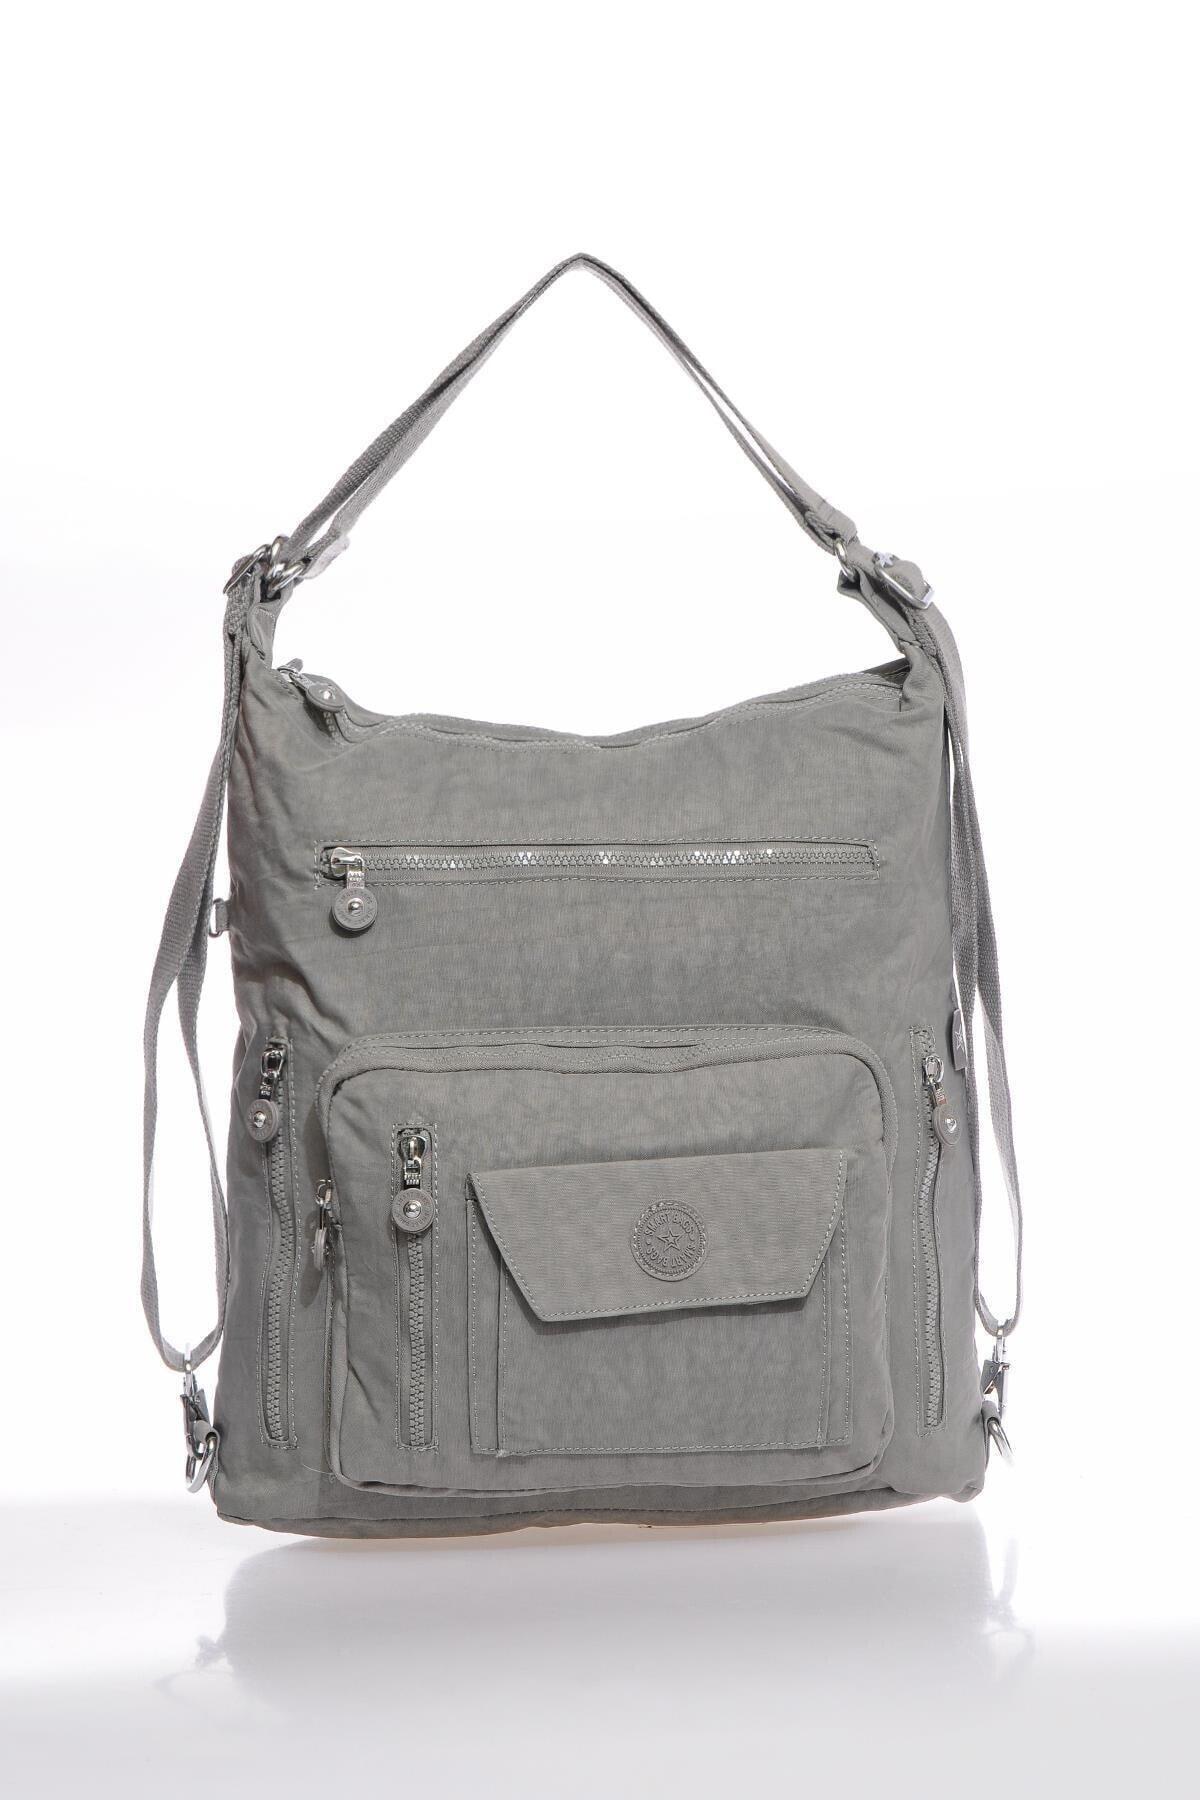 SMART BAGS Smbky1205-0078 Gri Kadın Omuz Ve Sırt Çantası 1